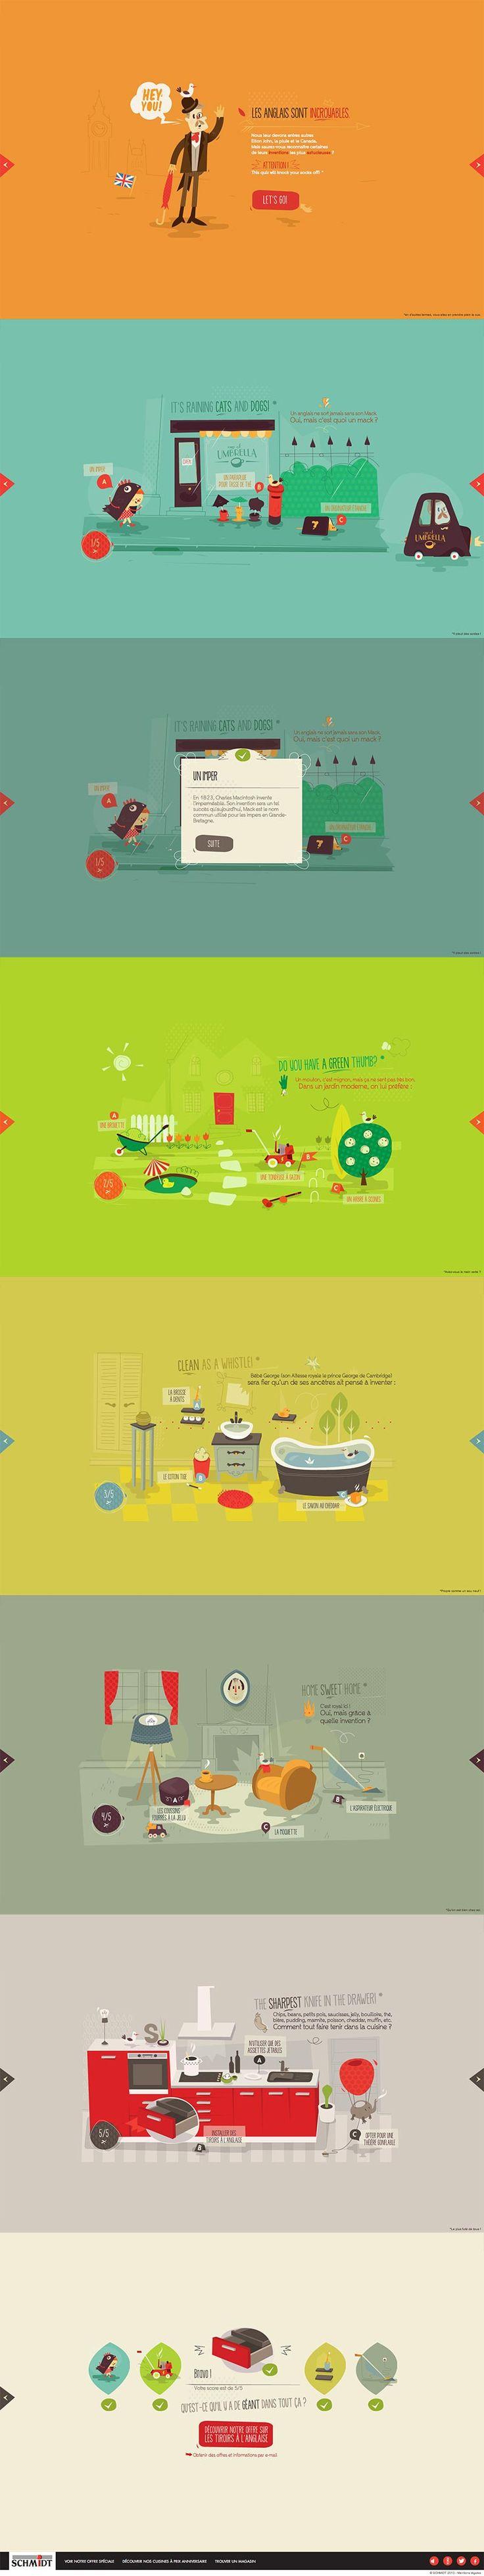 Unique Web Design, Une Cuisine Astucieuse @standard13 #WebDesign #Design…